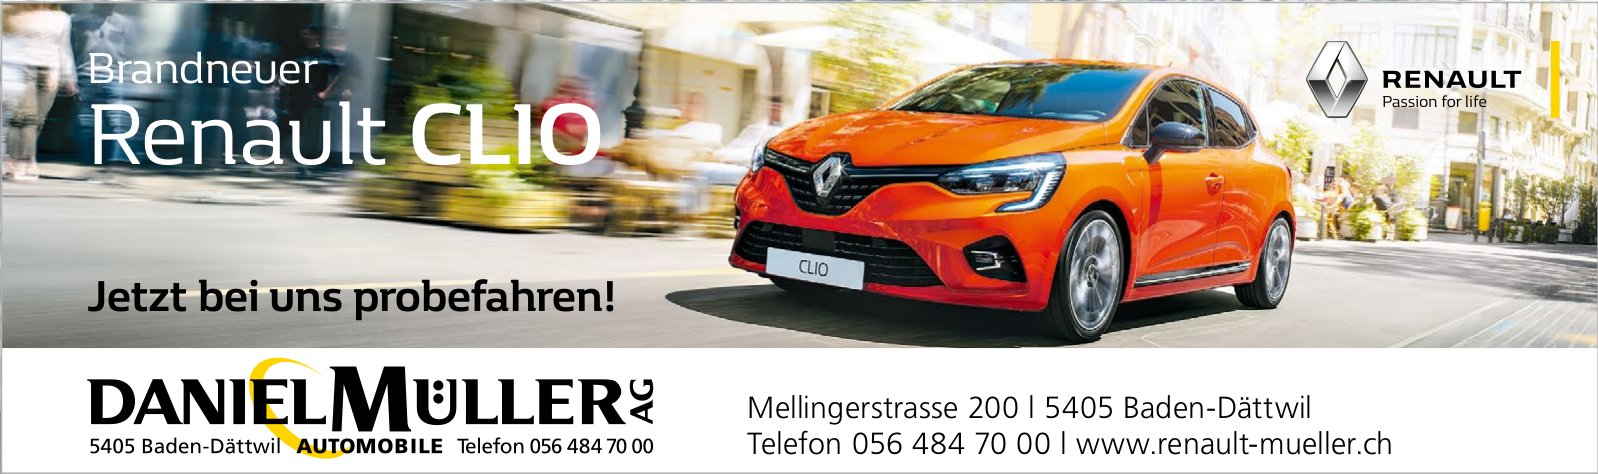 Daniel Müller AG - Brandneuer Renault CLIO: Jetzt bei uns probefahren!